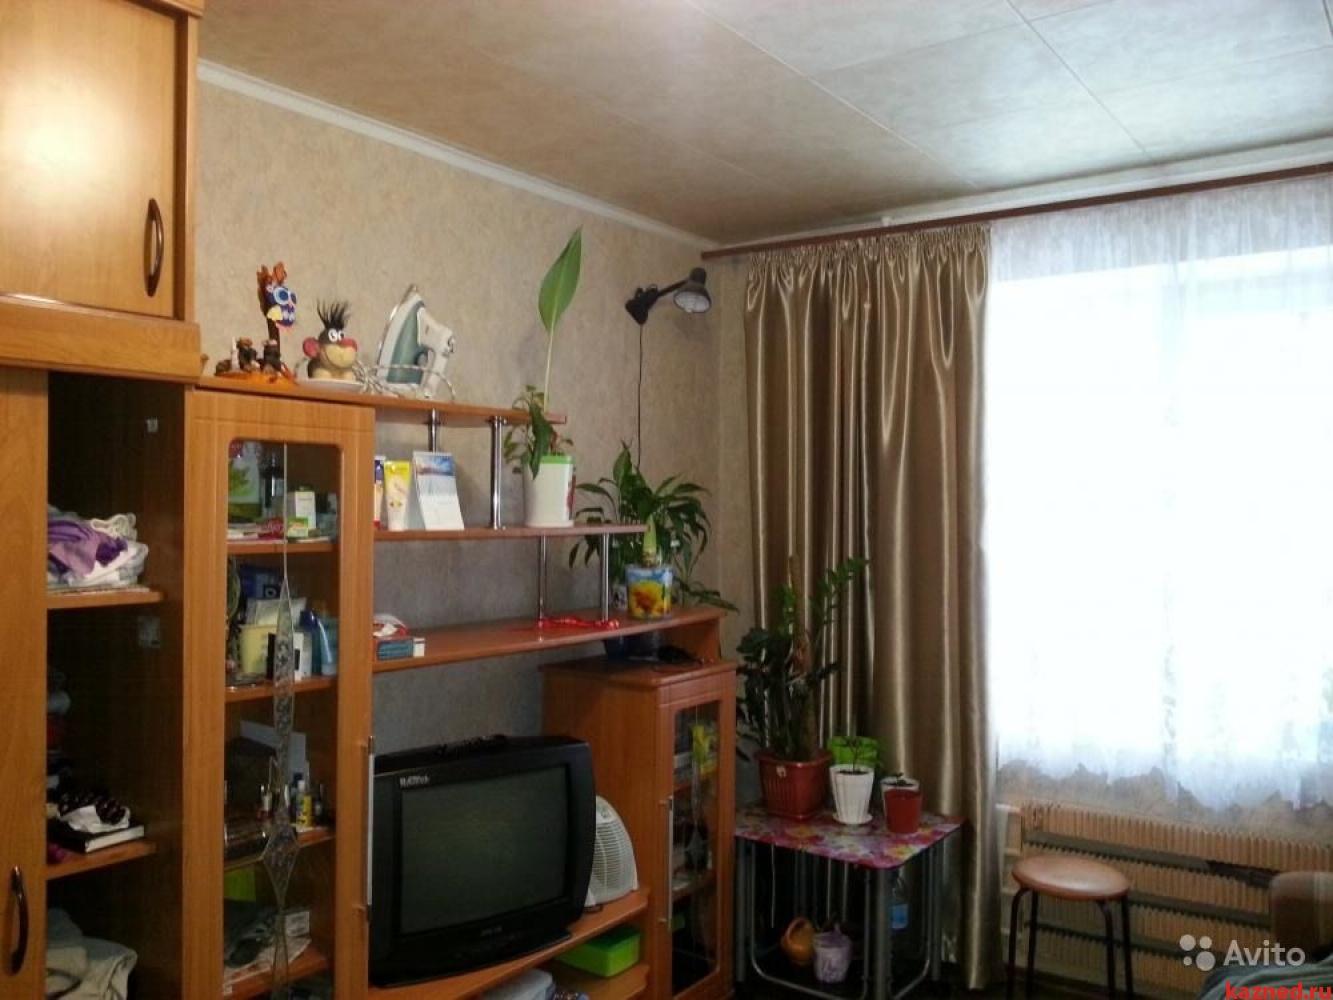 Продажа 3-к квартиры Фатыха Амирхана, 10, 68 м²  (миниатюра №1)